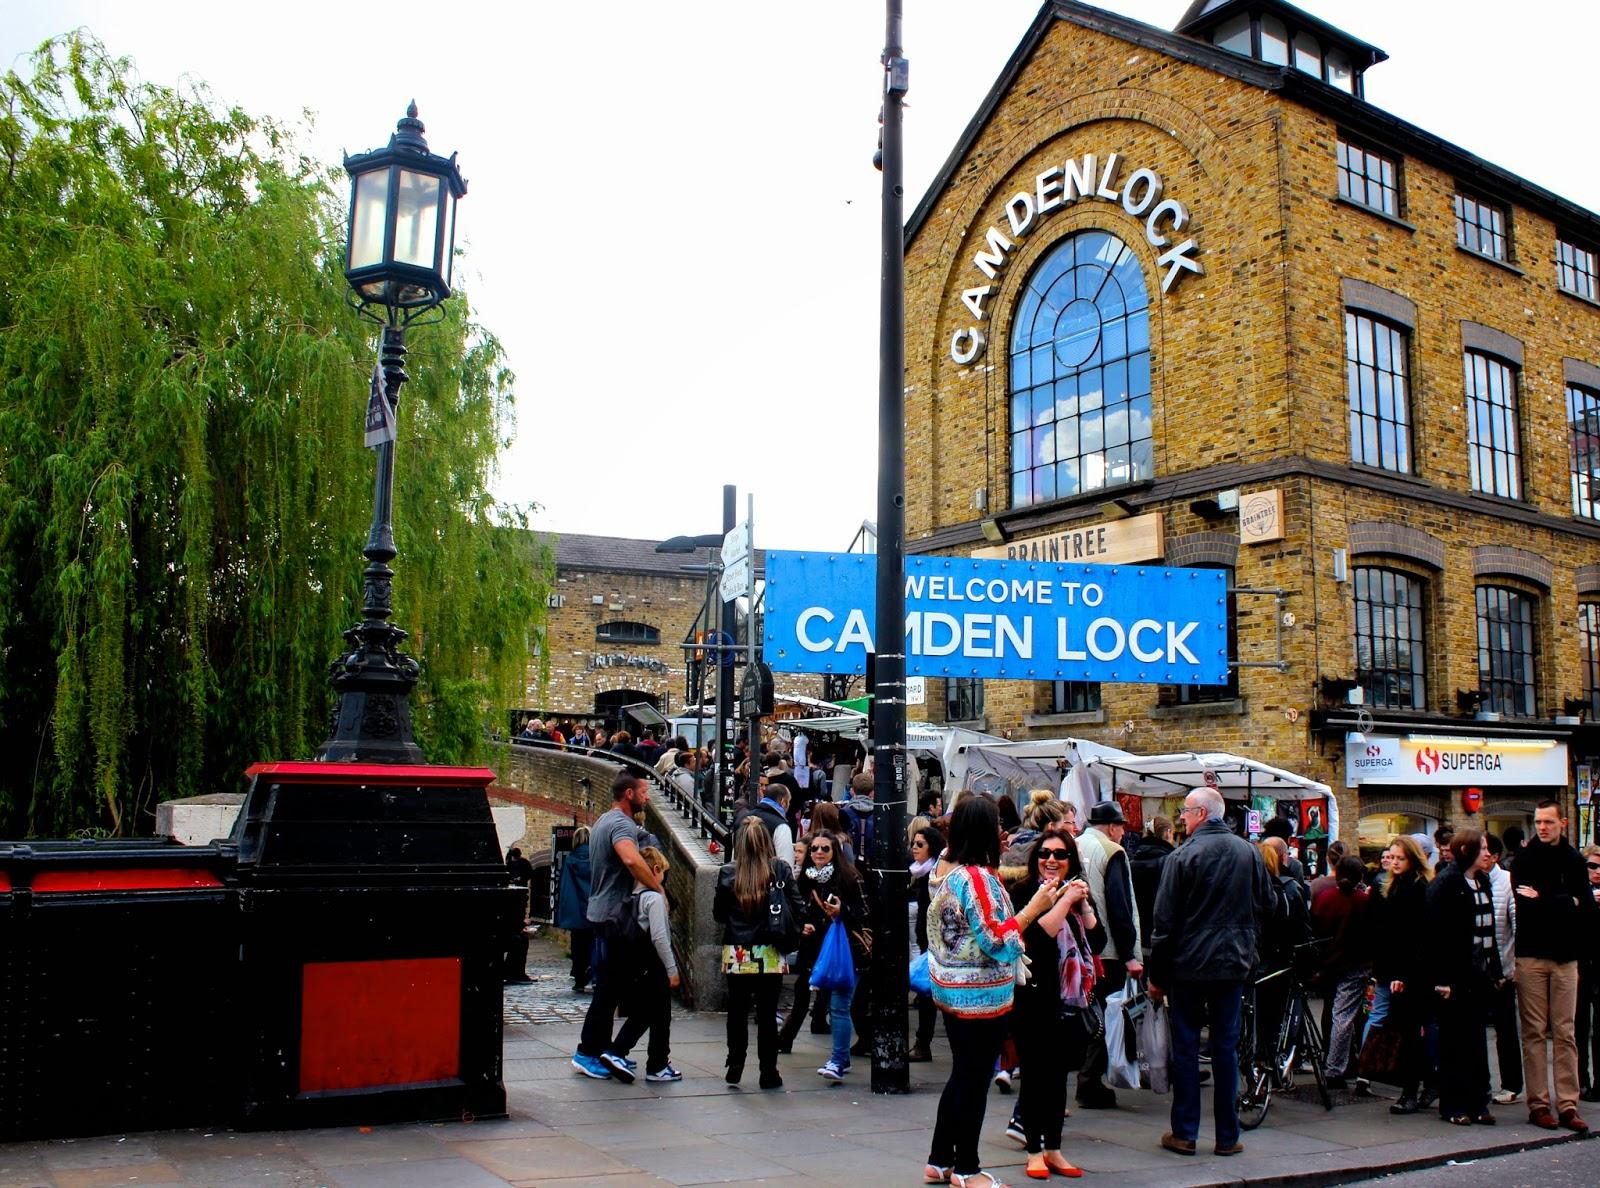 Camden Town image